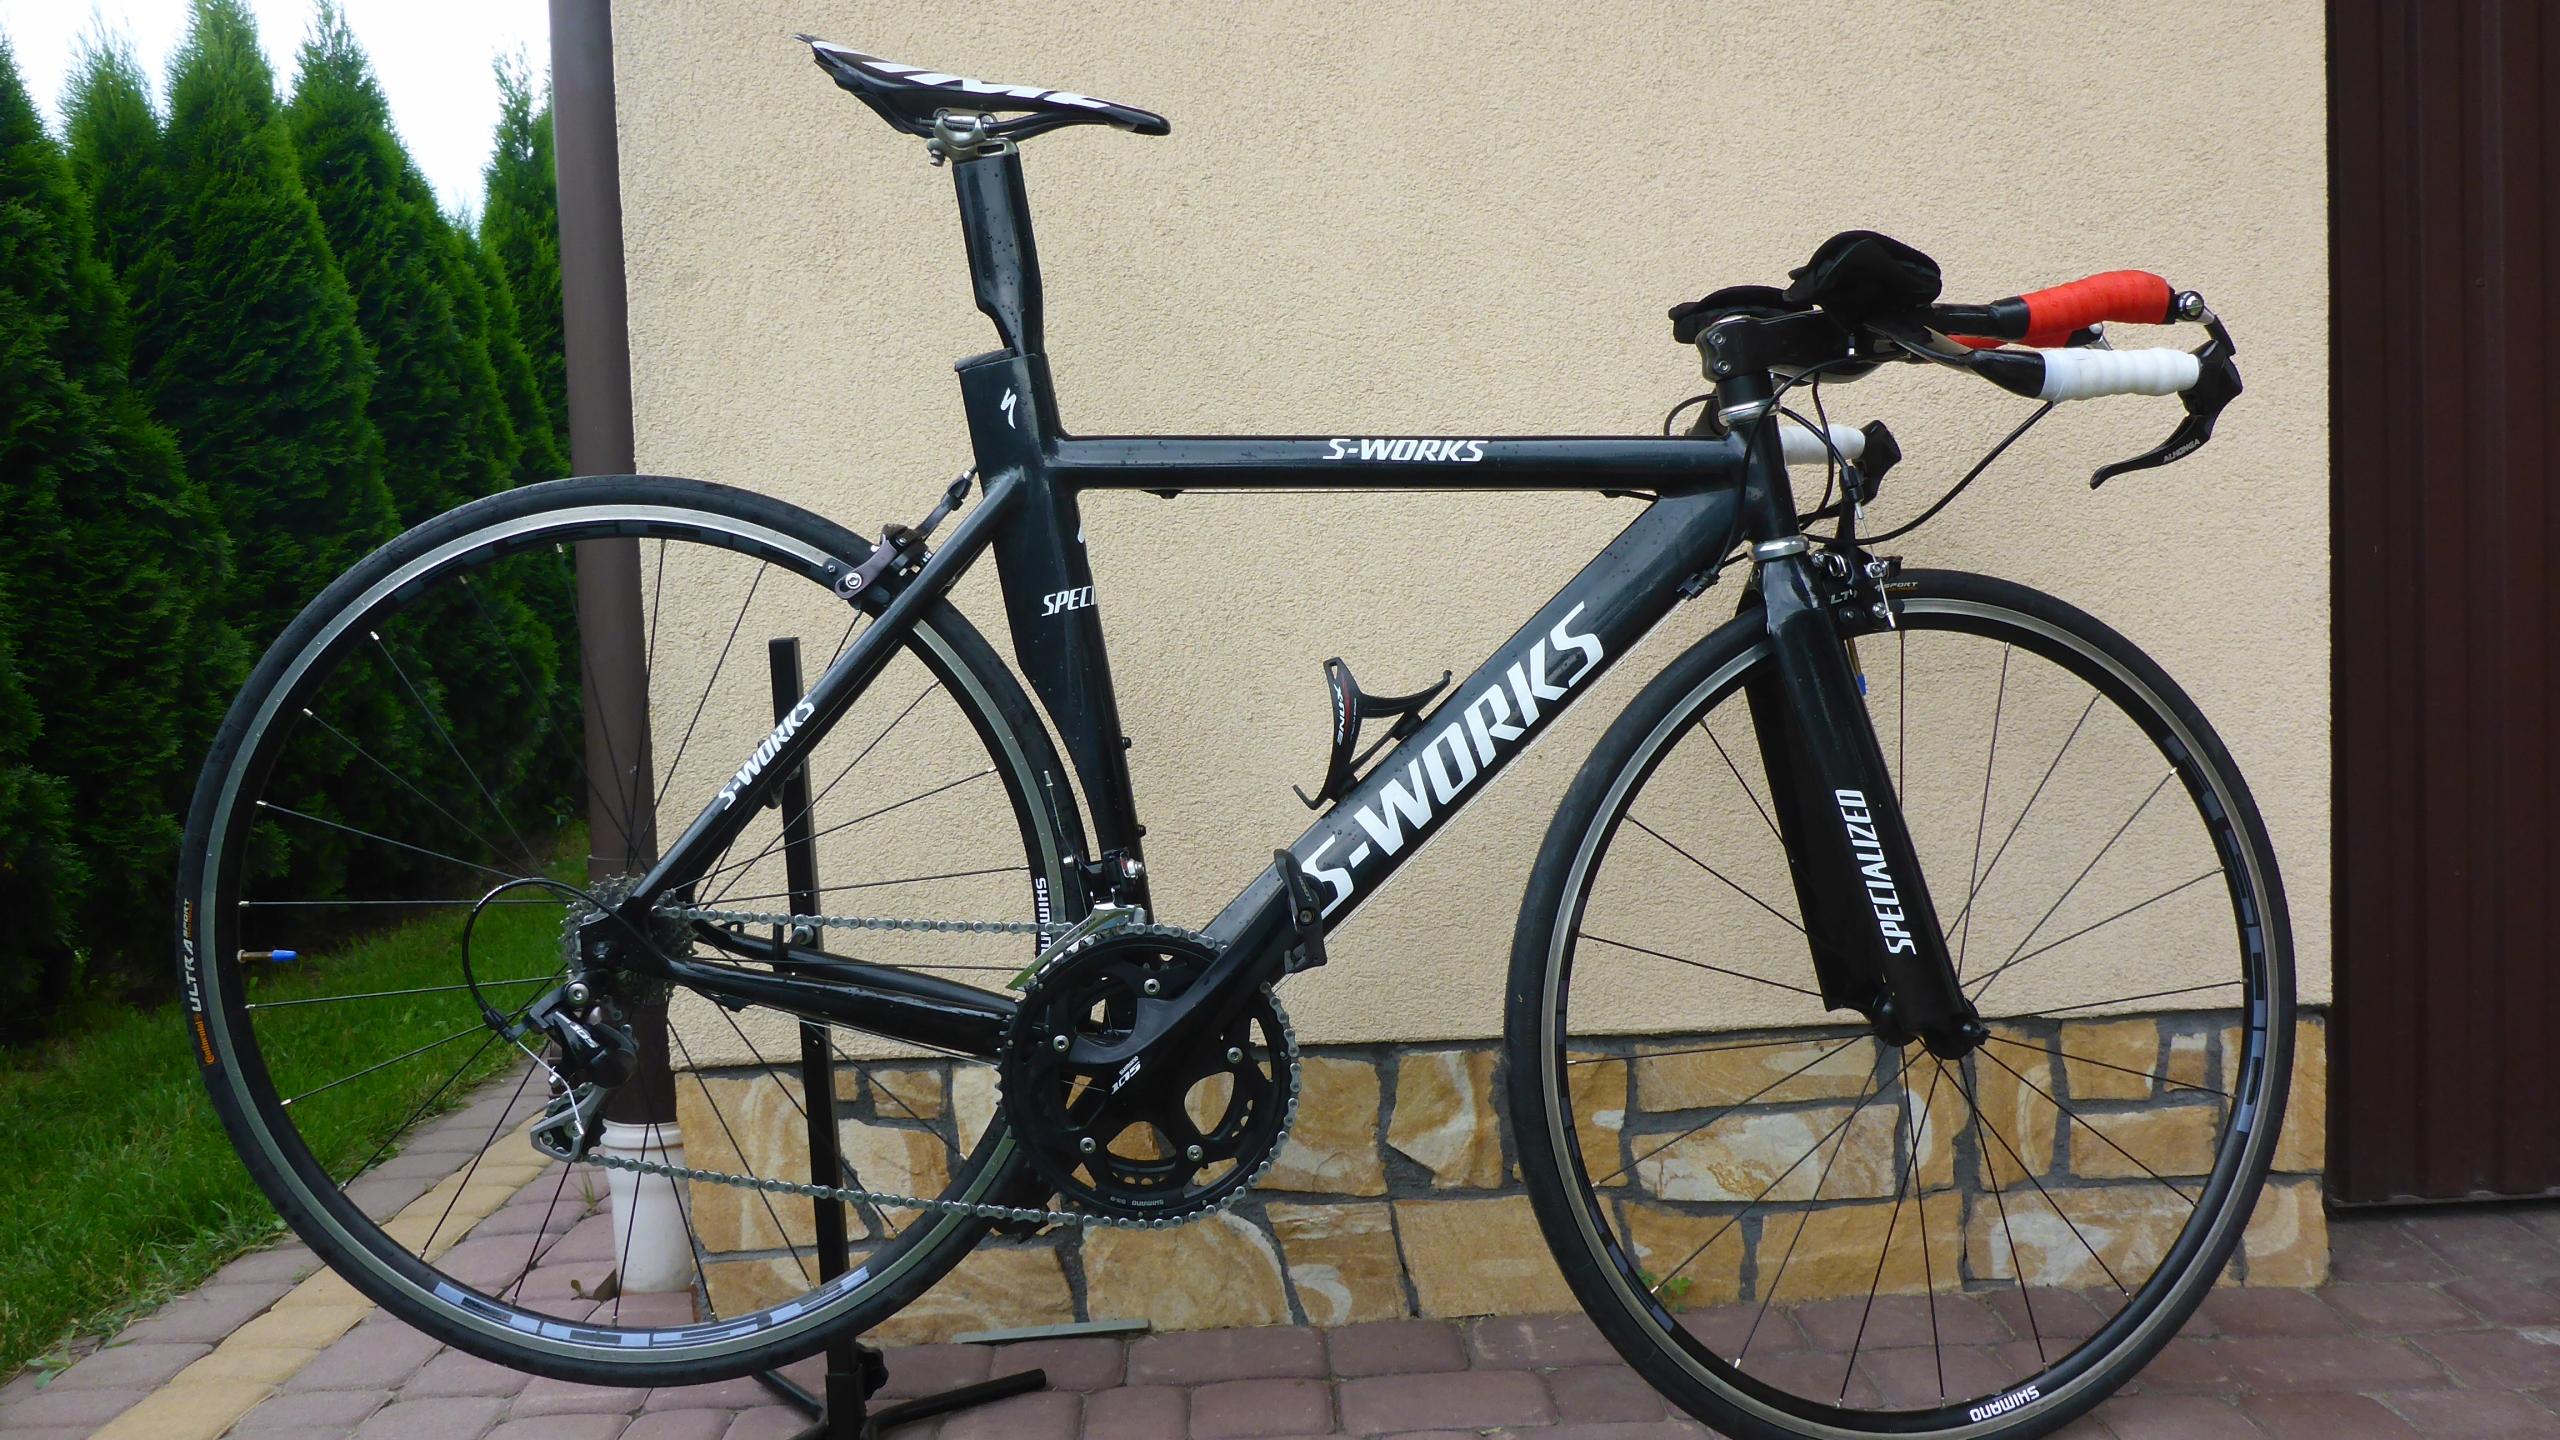 Rower TT Tri Triathlonowy Czasowy S-Works 53cm